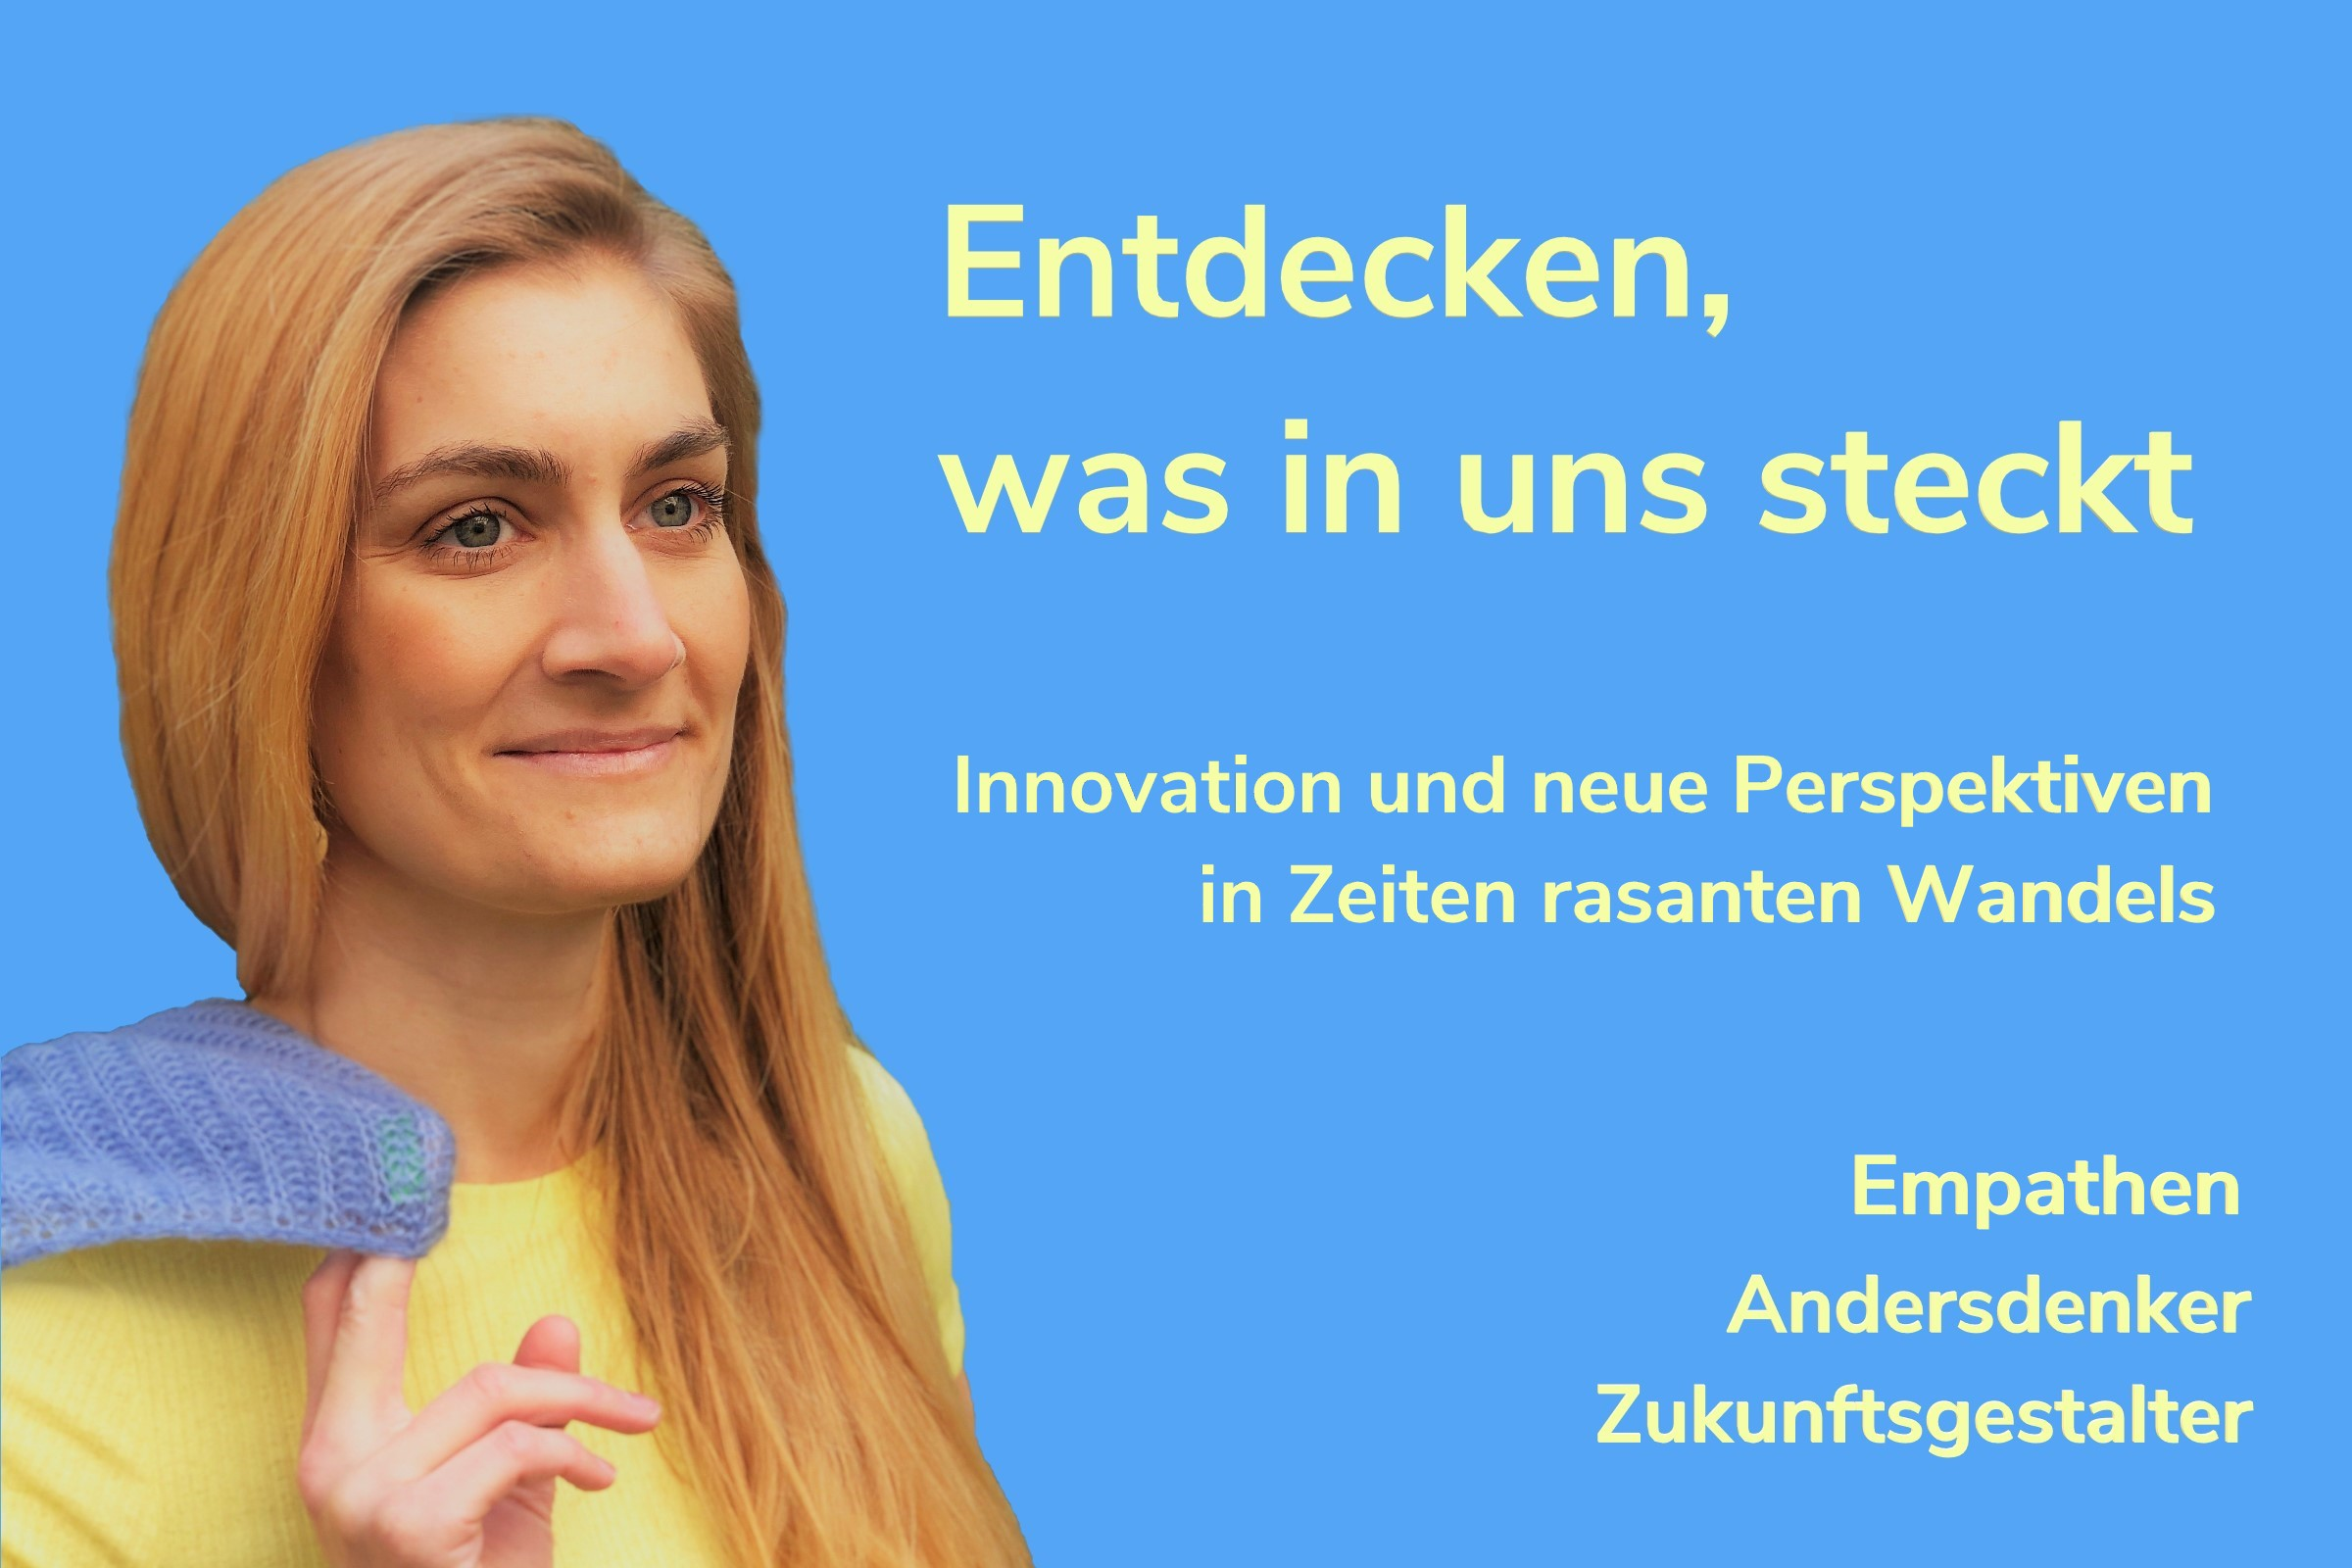 Dr. Nadine Lilienthal. Rechtsanwältin, Coach, Change Facilitator. Neue Perspektiven. Andersdenken. Zukunft gestalten. Zukunftsenthusiasten.